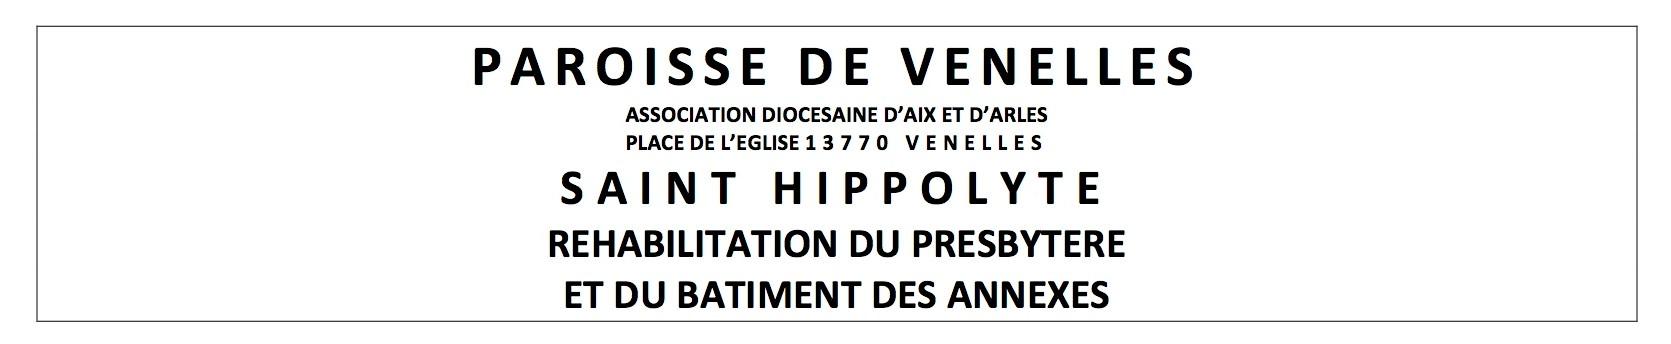 Saint Hippolyte Appel aux dons